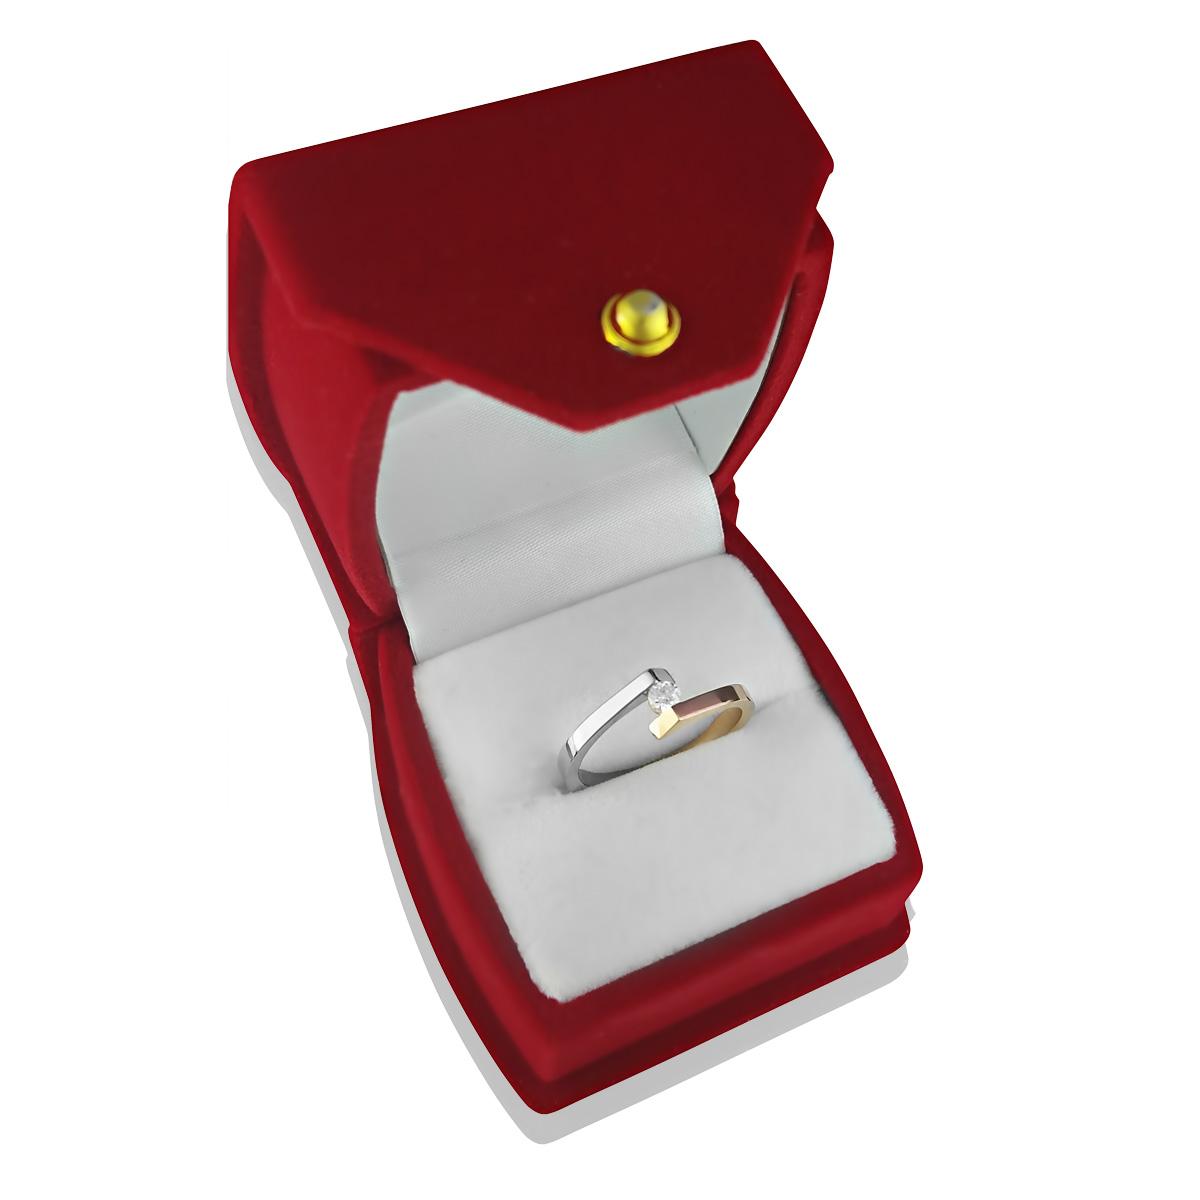 Золотое кольцо для помолвки с бриллиантом 0,10 карат «Аннет»